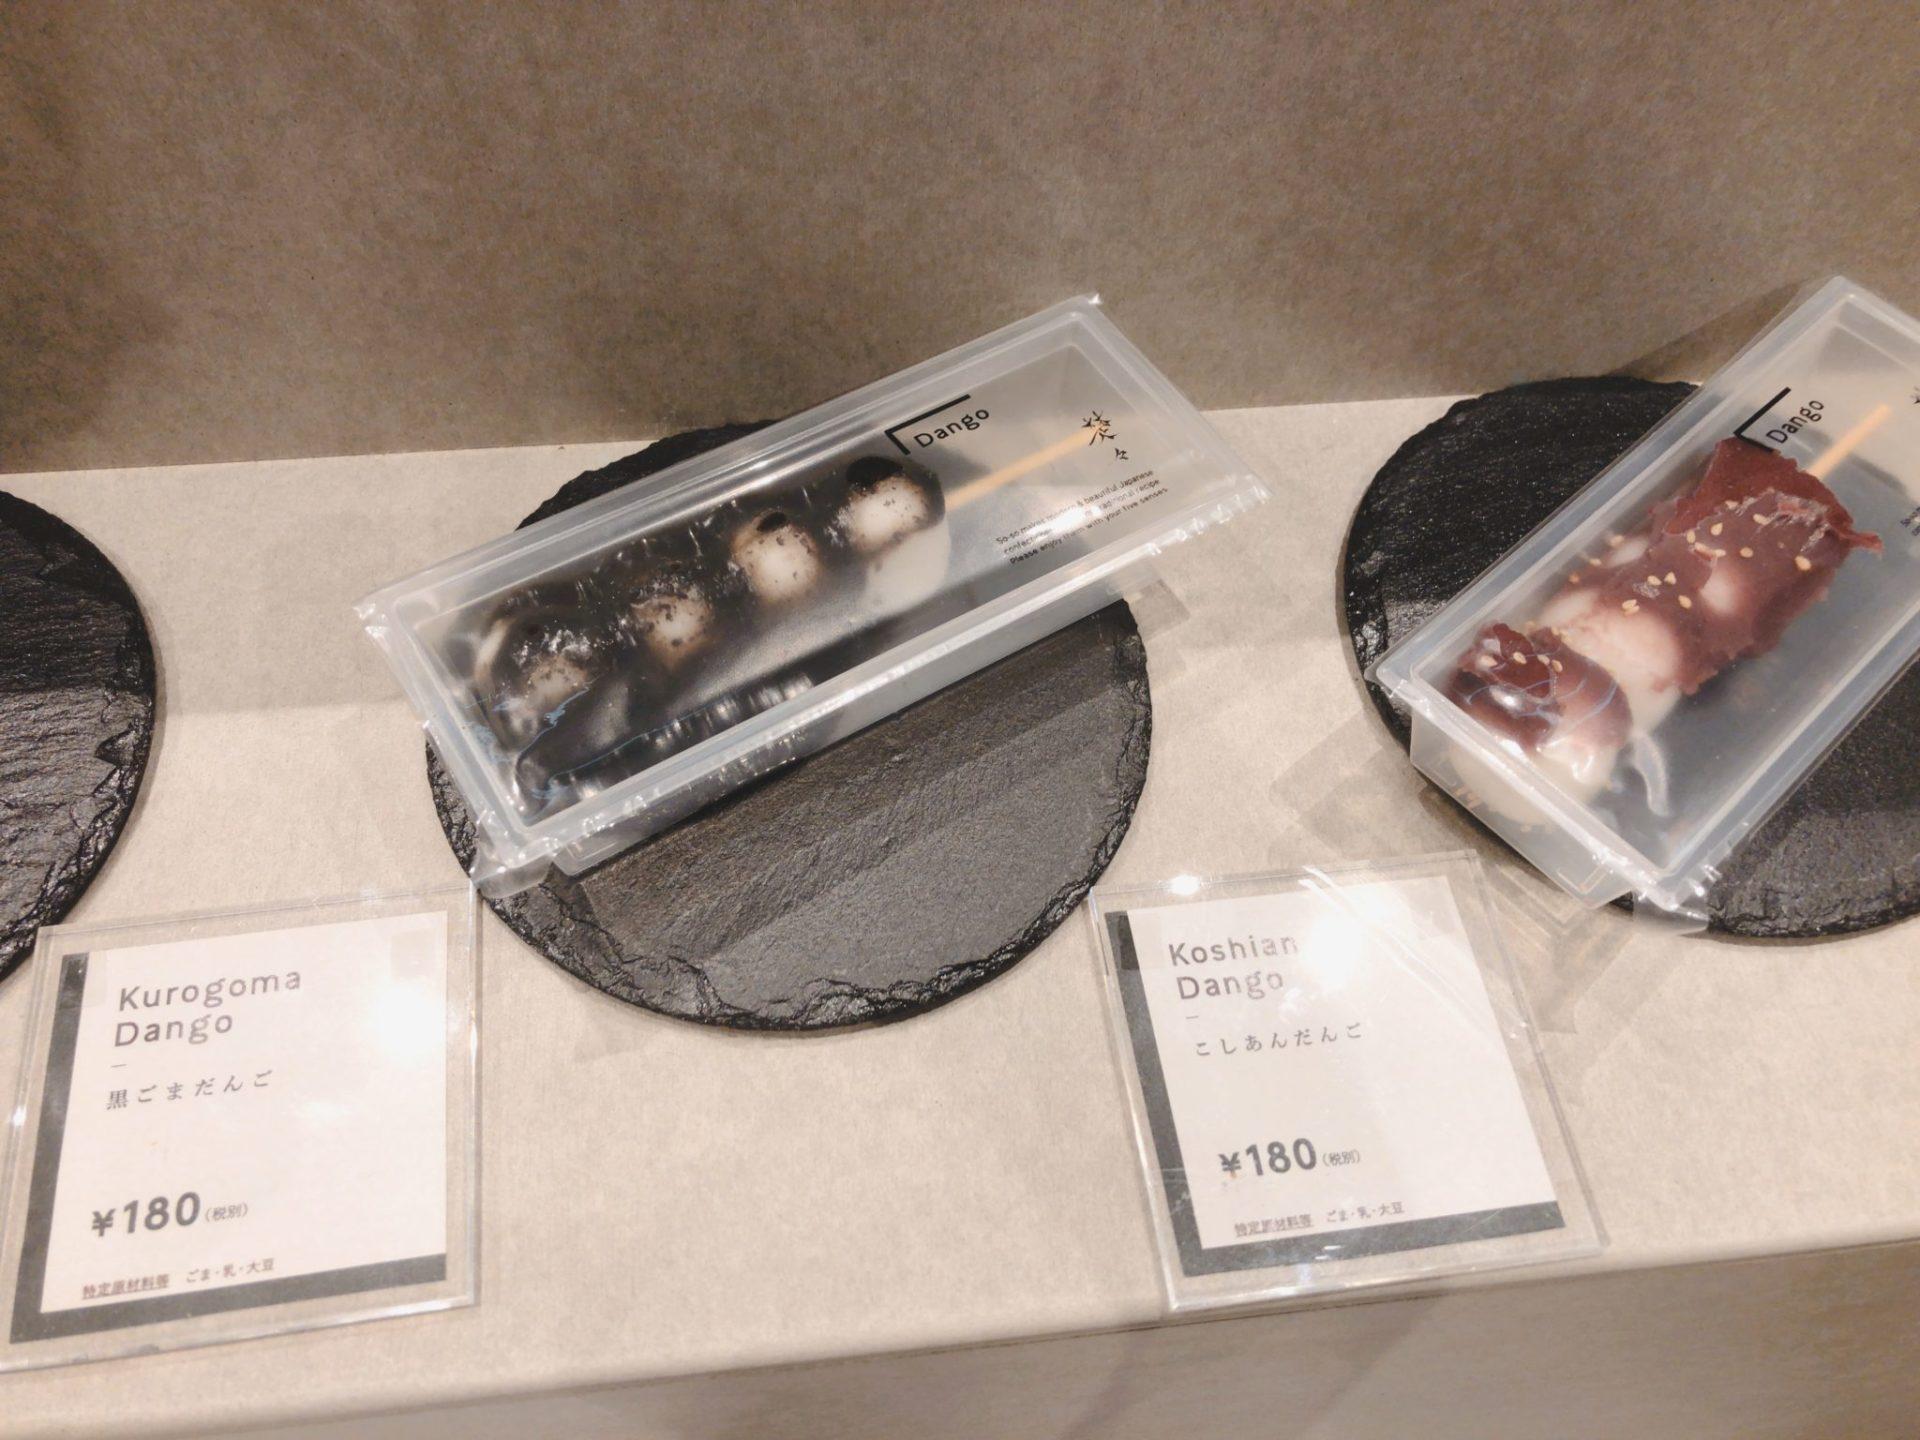 日比谷OKUROJI(ヒビヤオクロジ)の和菓子楚々のおだんご